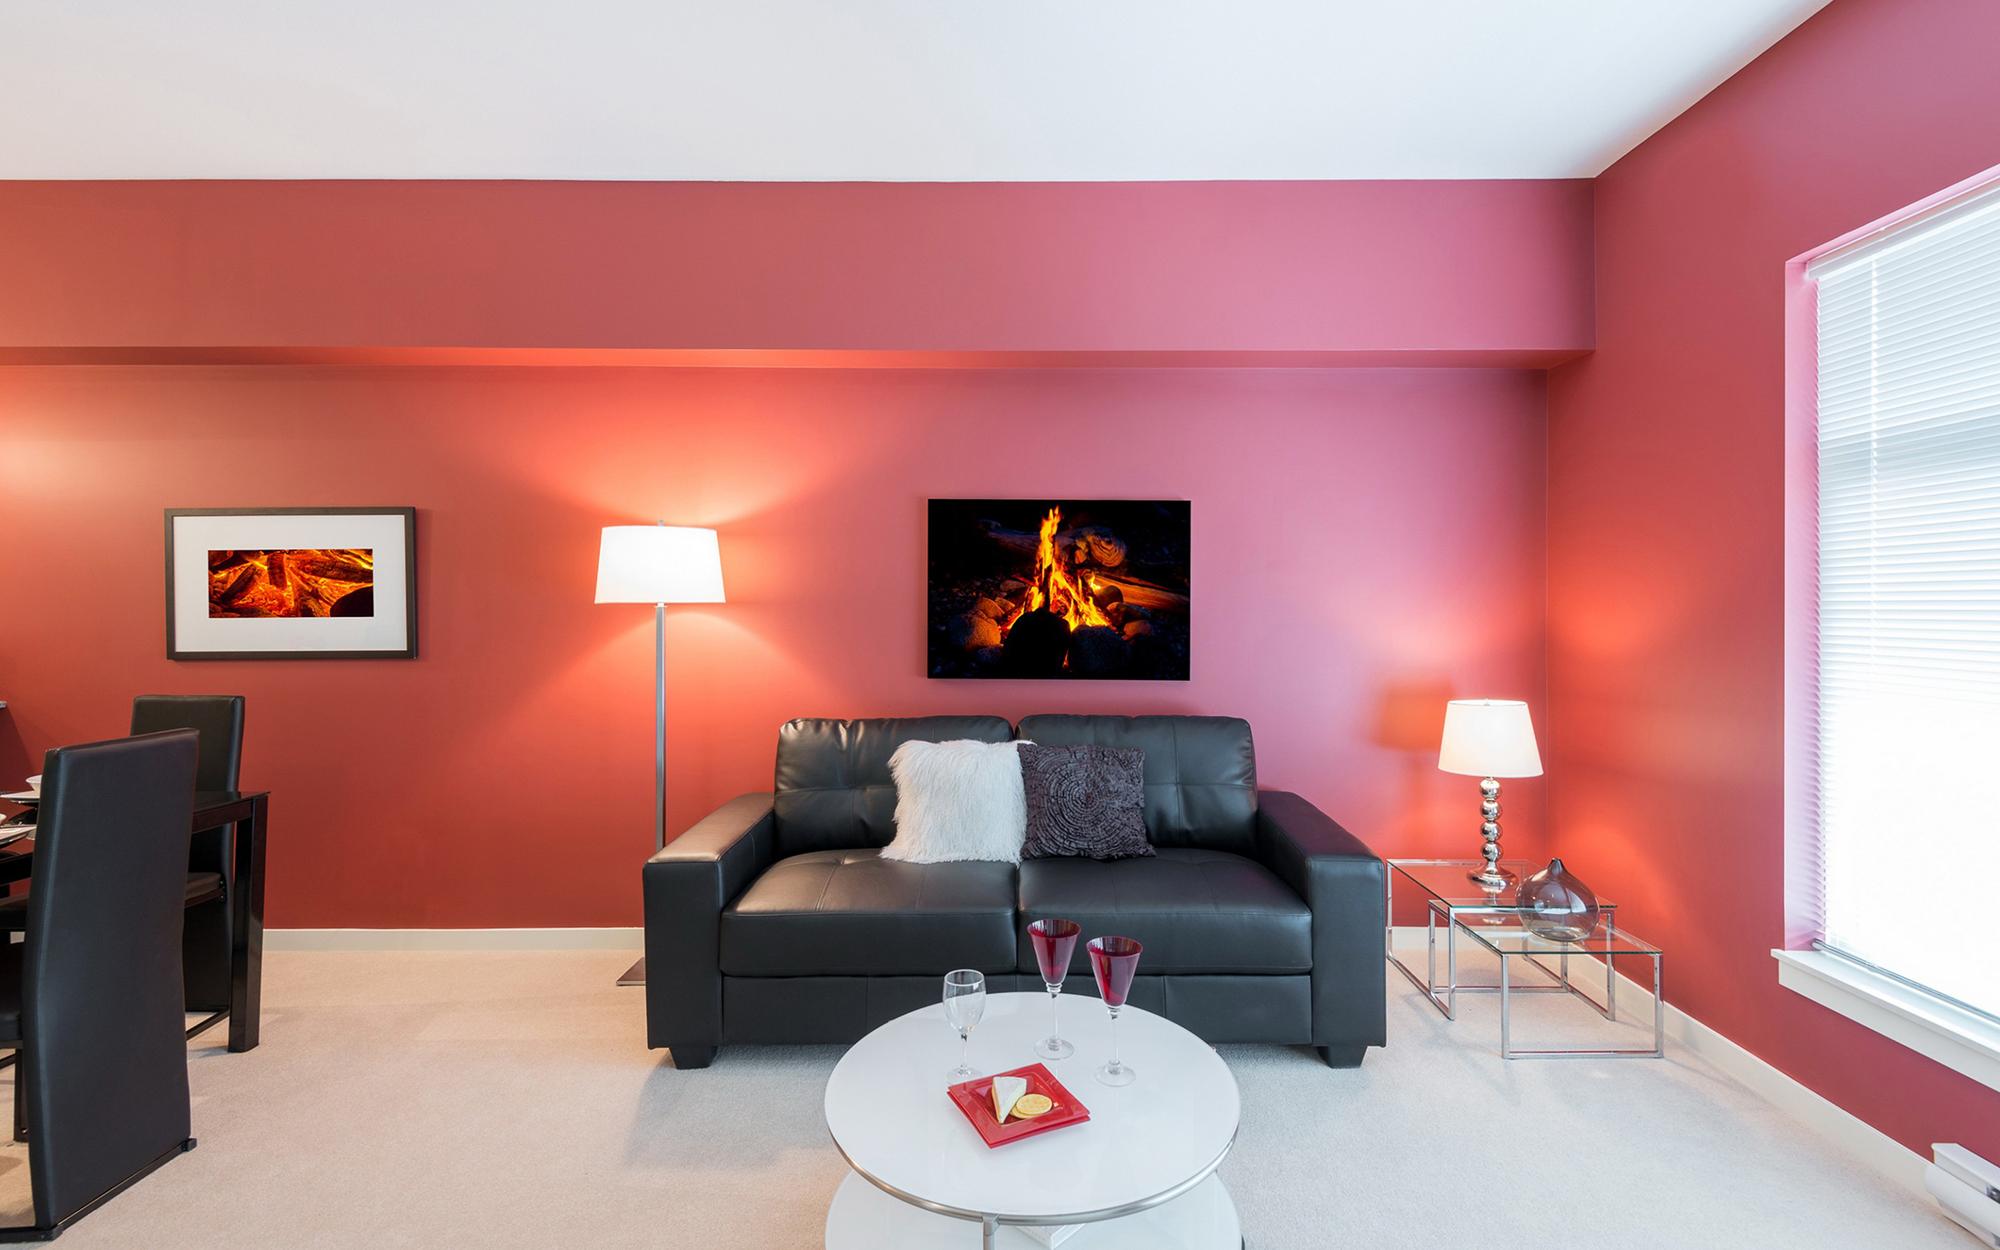 Розовый, черный и белый цвета в интерьере гостиной